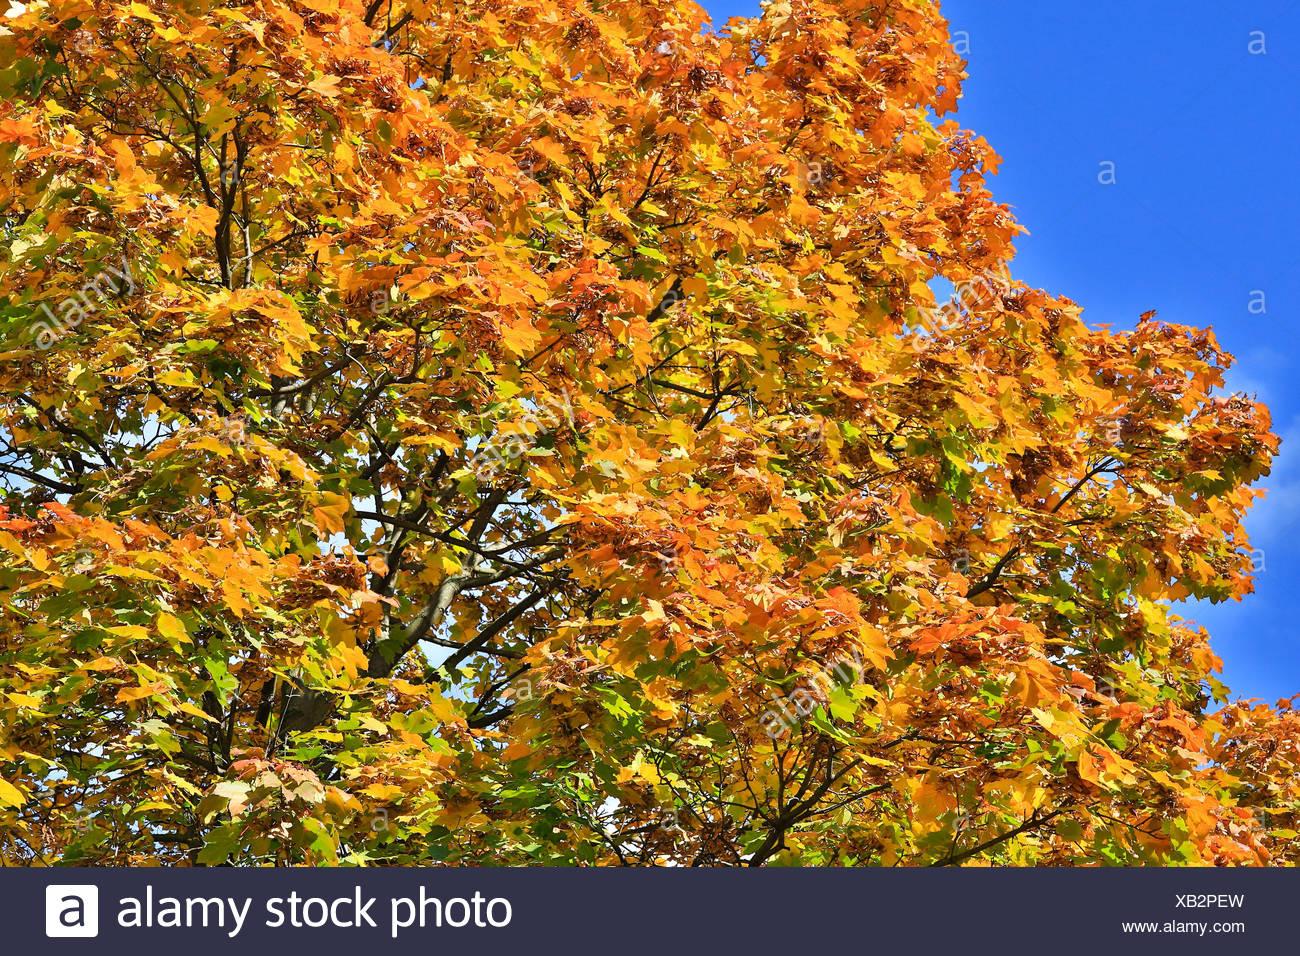 Schön Herbst Färbung Seite Bilder - Druckbare Malvorlagen - amaichi.info